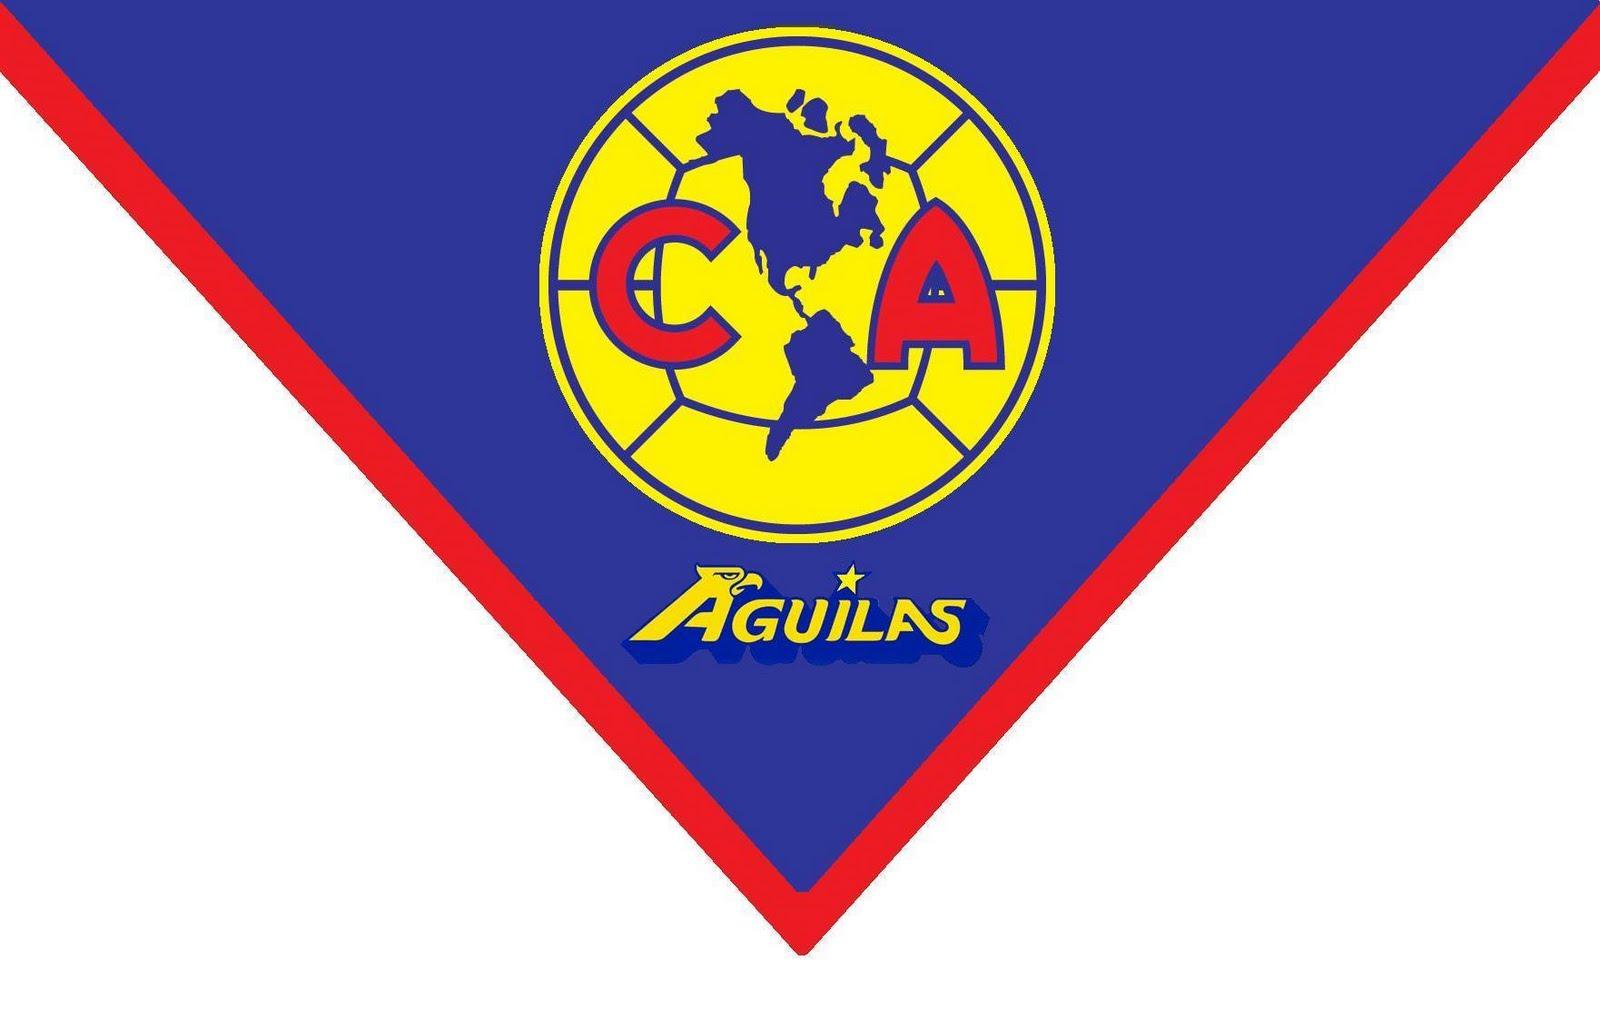 CABALLERO AGUILA: CLUB AMERICA RETRO BLANCO